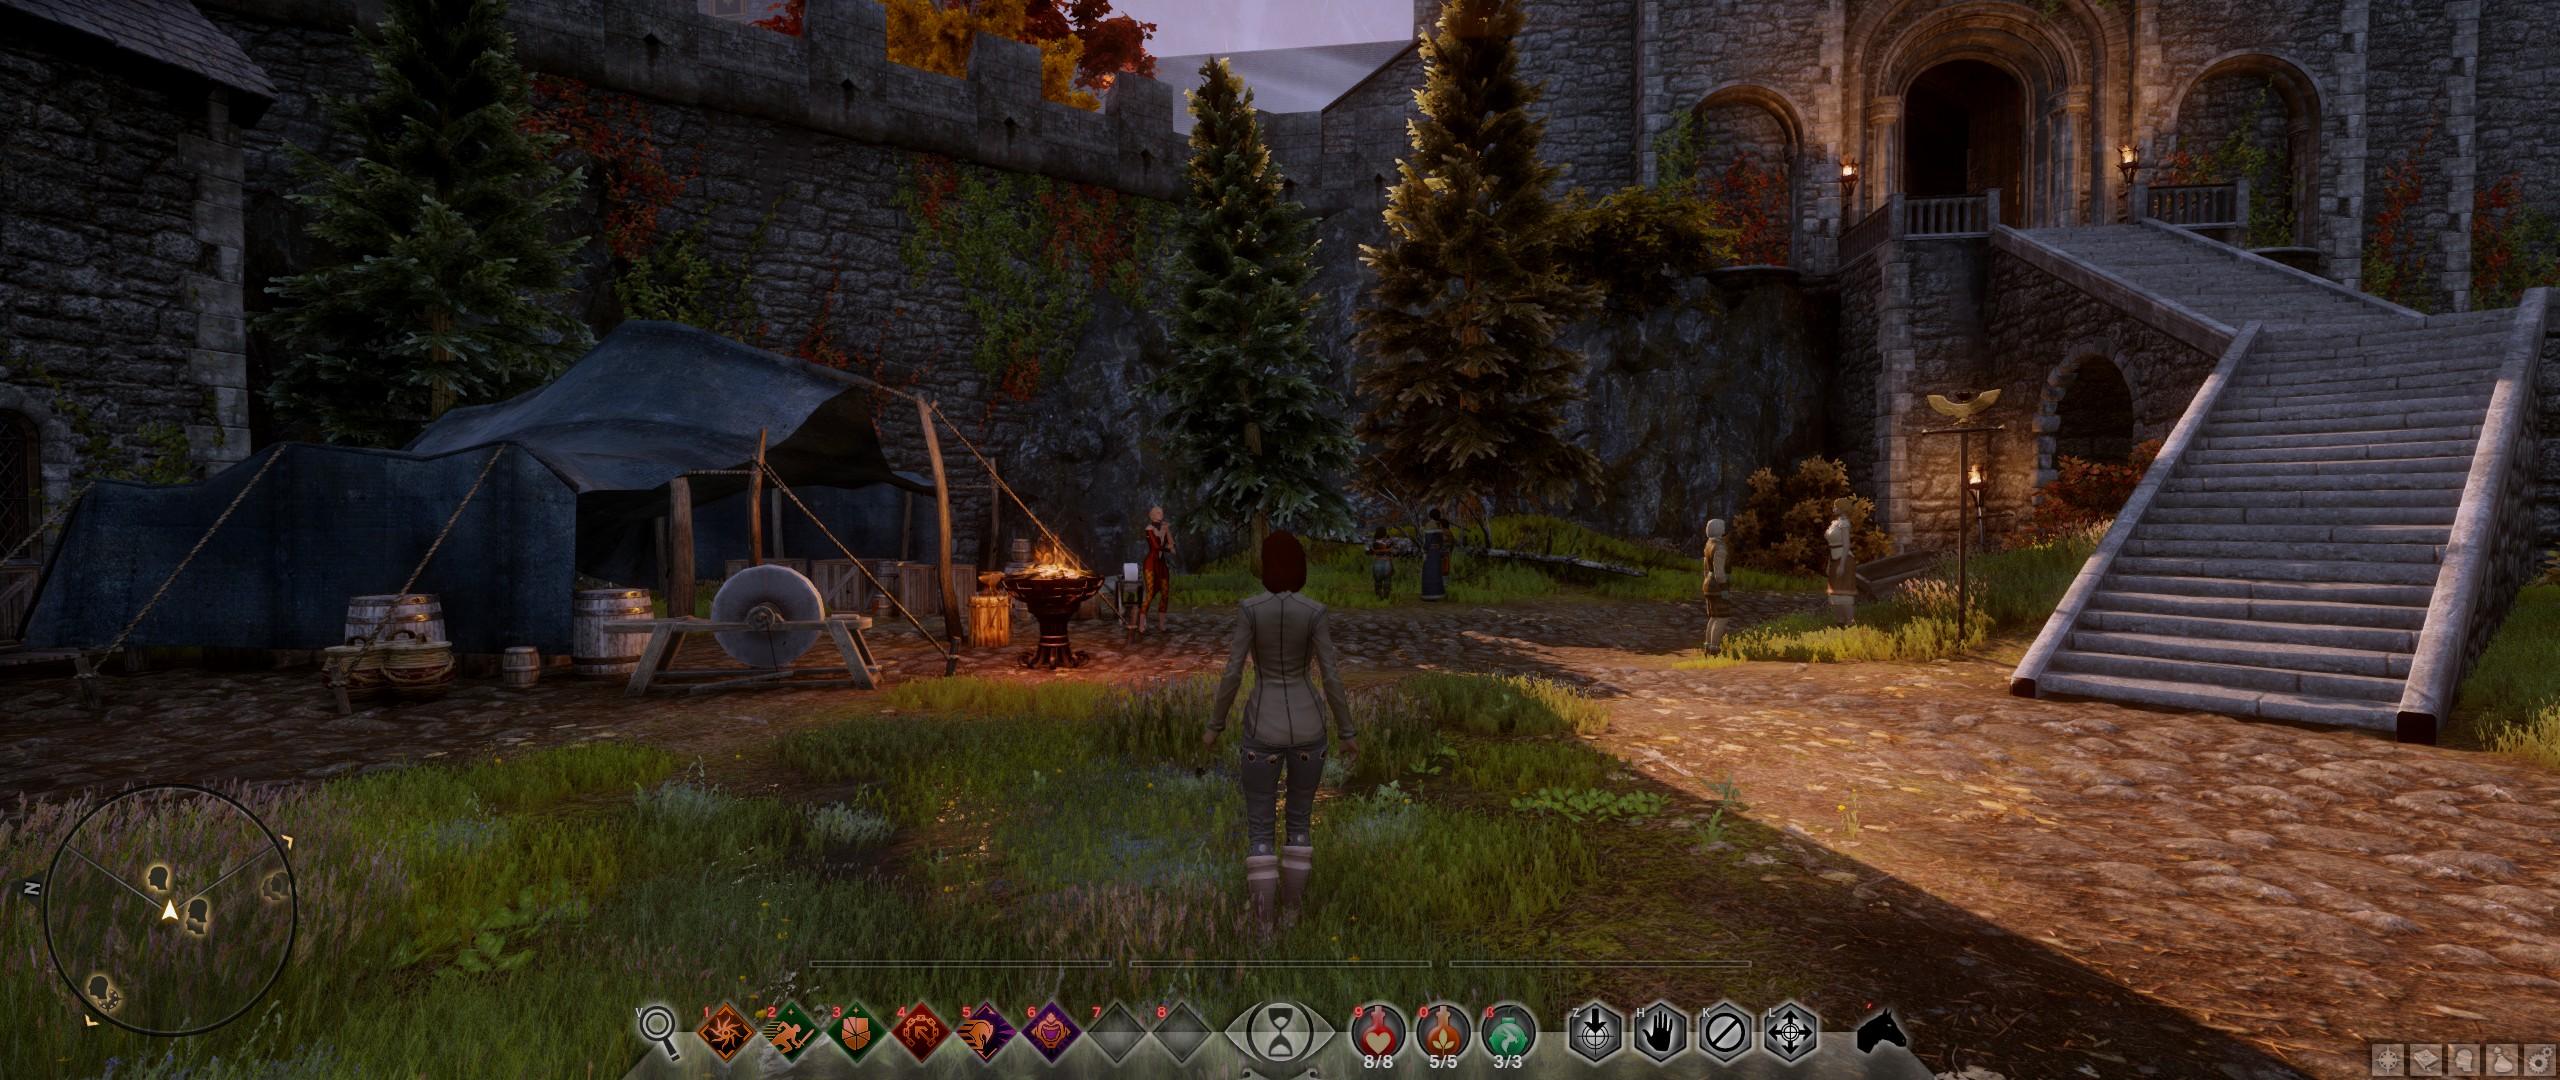 ScreenshotWin32_0074_Final